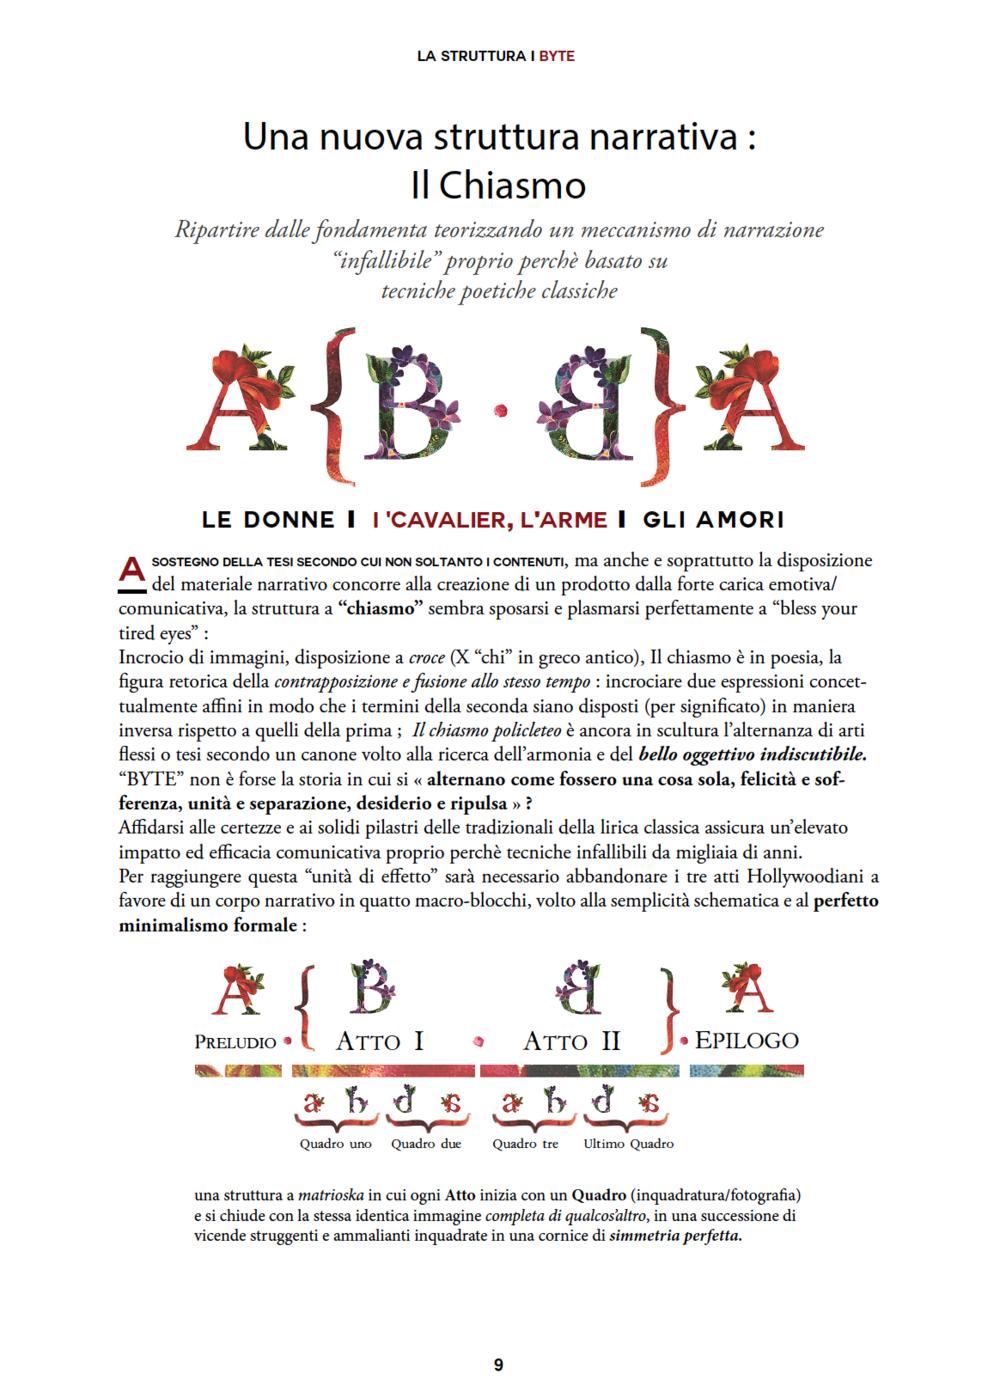 Il Chiasmo | Gianluigi Carella